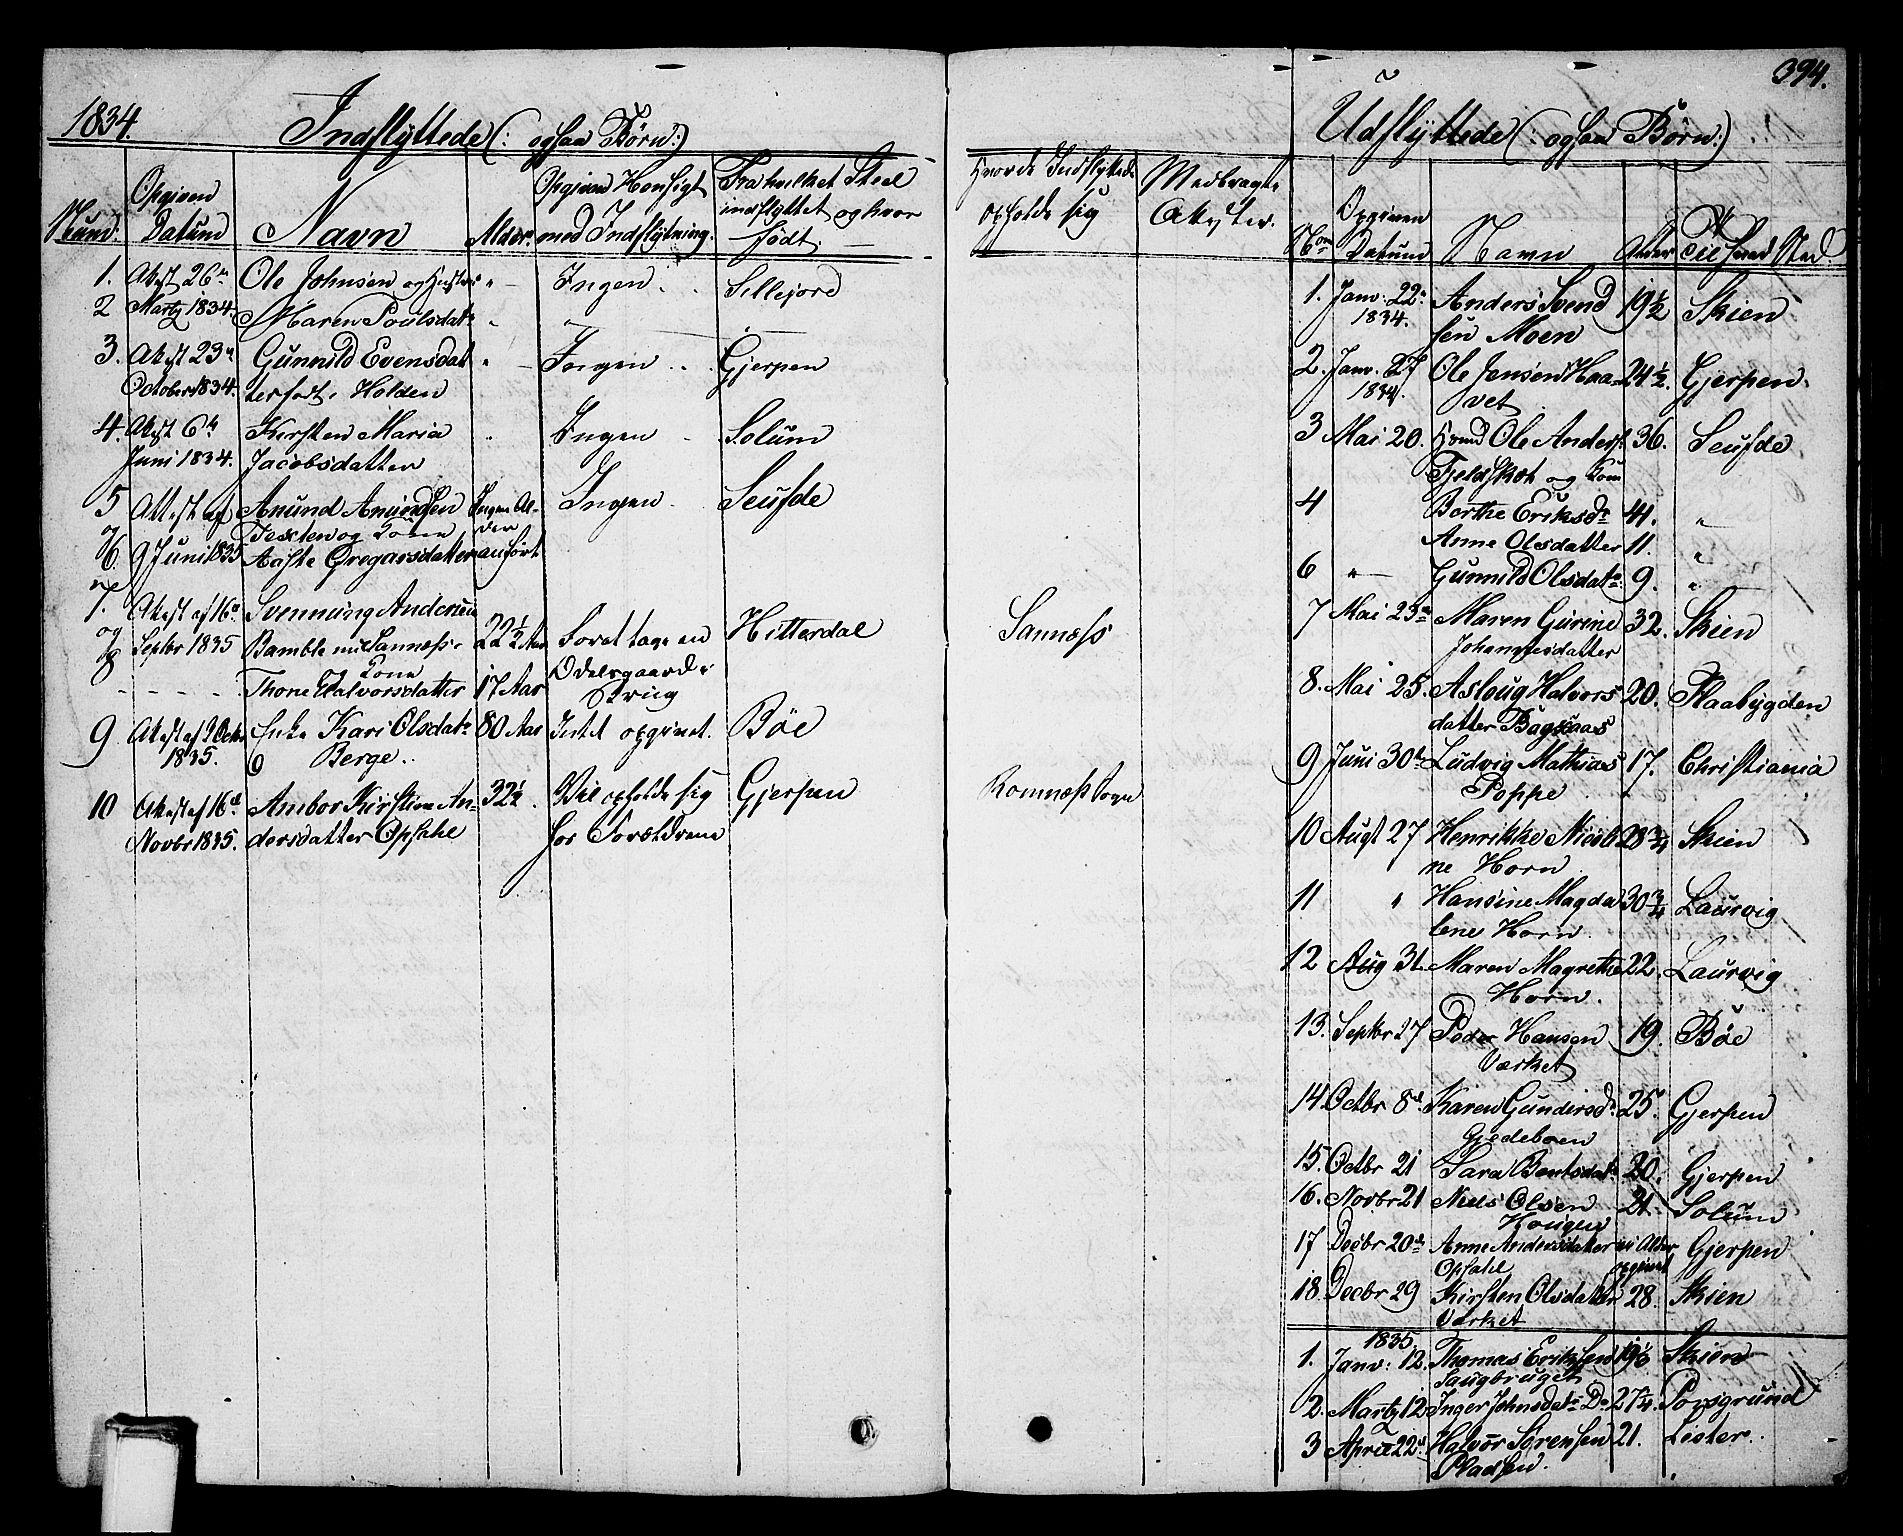 SAKO, Holla kirkebøker, G/Ga/L0002: Klokkerbok nr. I 2, 1830-1848, s. 394